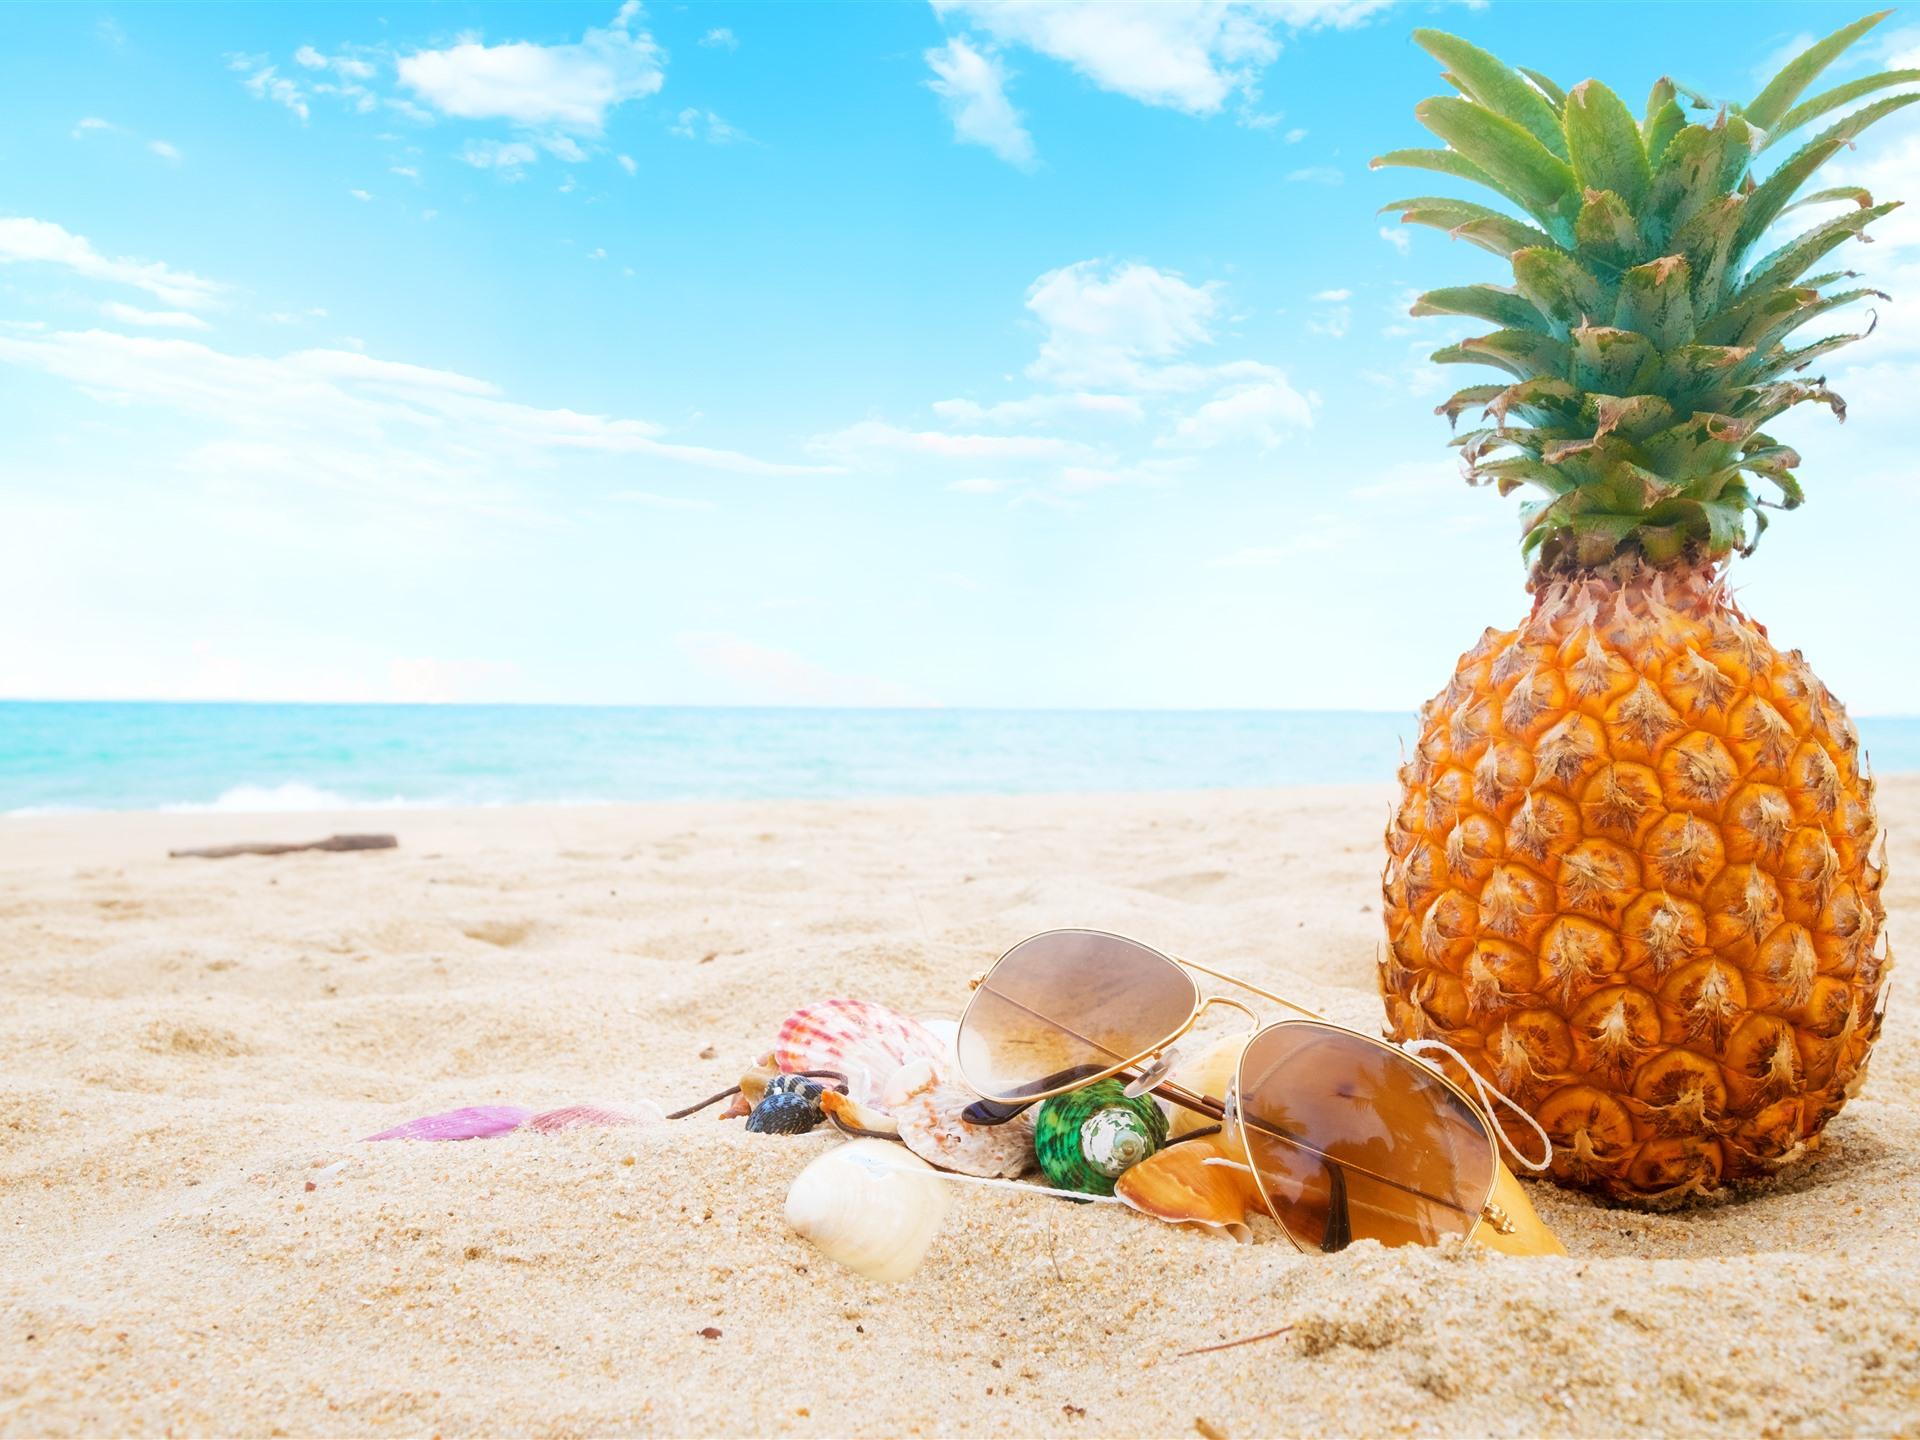 wallpaper summer  beach  pineapple  sunglasses  shell